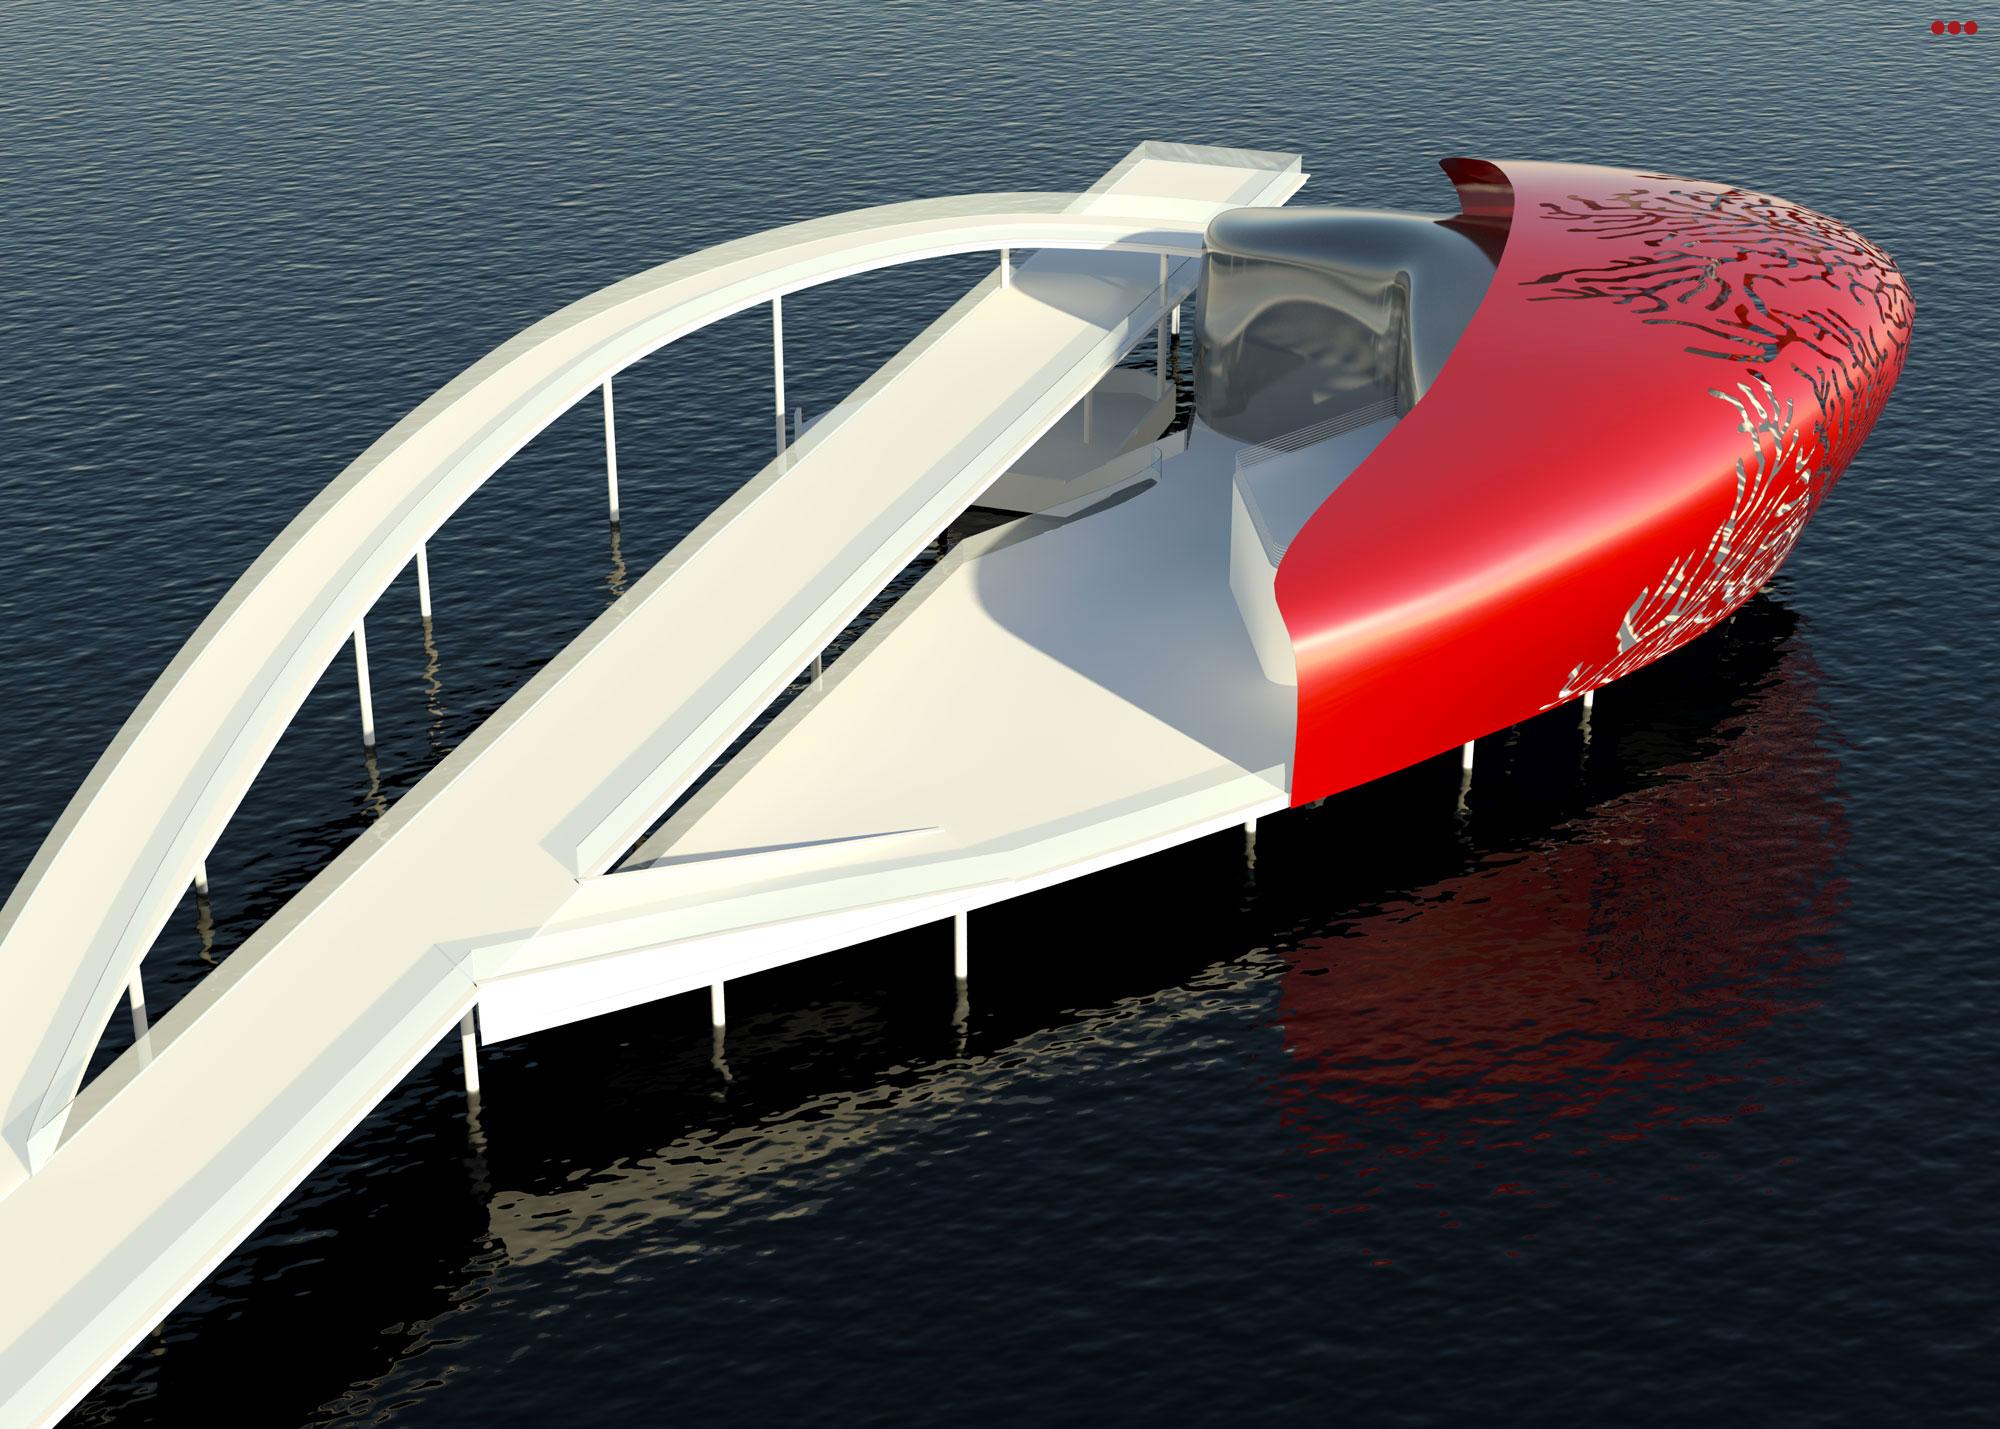 Surdio Bartolini progetto isola porto canale cattolica rimini grafica rendering modeling 3d 4